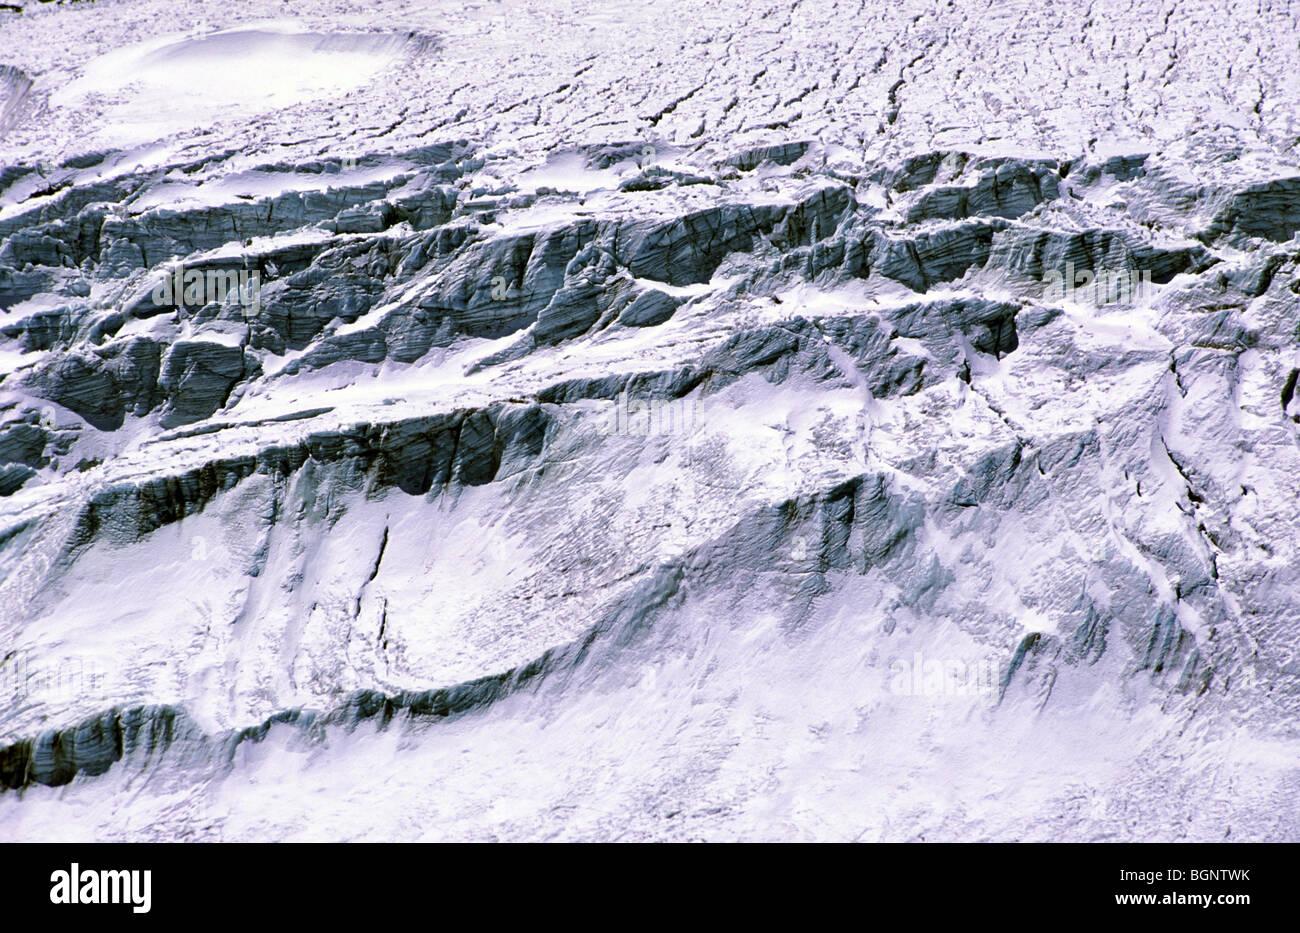 Glacier below Condoriri. Cordillera Real, Bolivia. - Stock Image